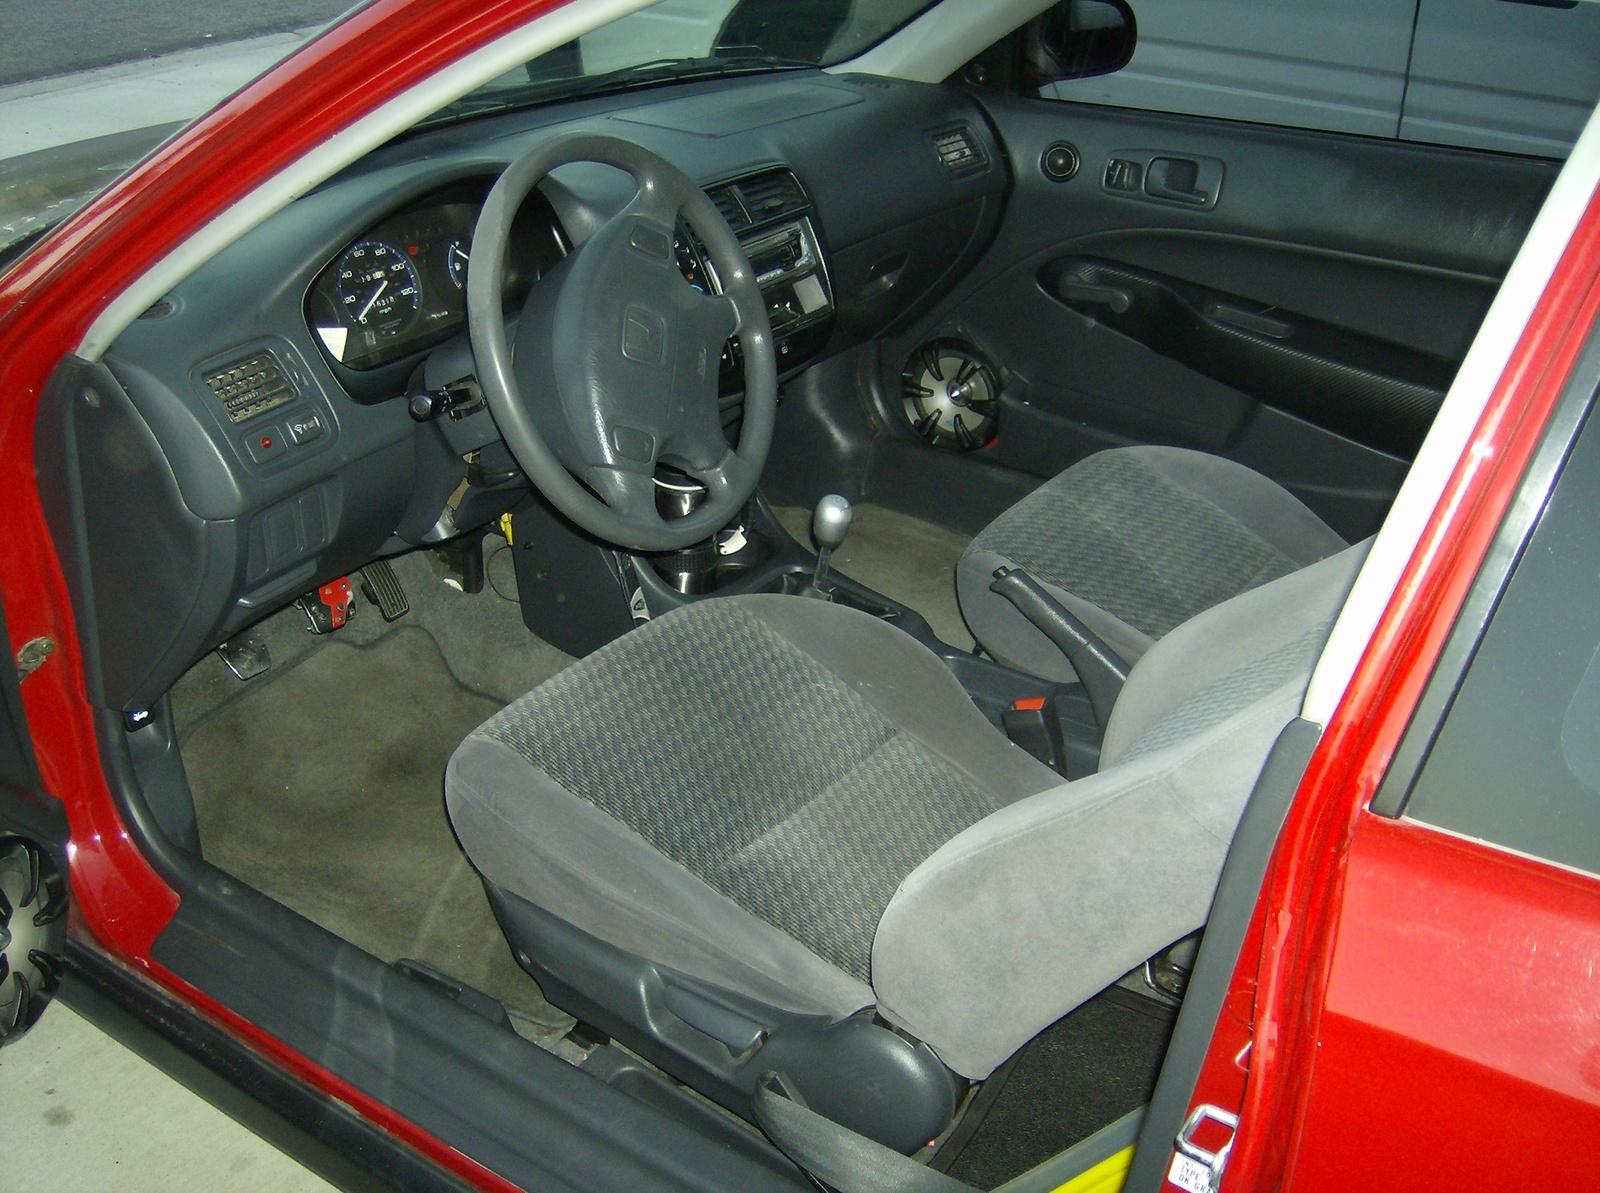 2000 Honda Civic Interior Pictures Cargurus